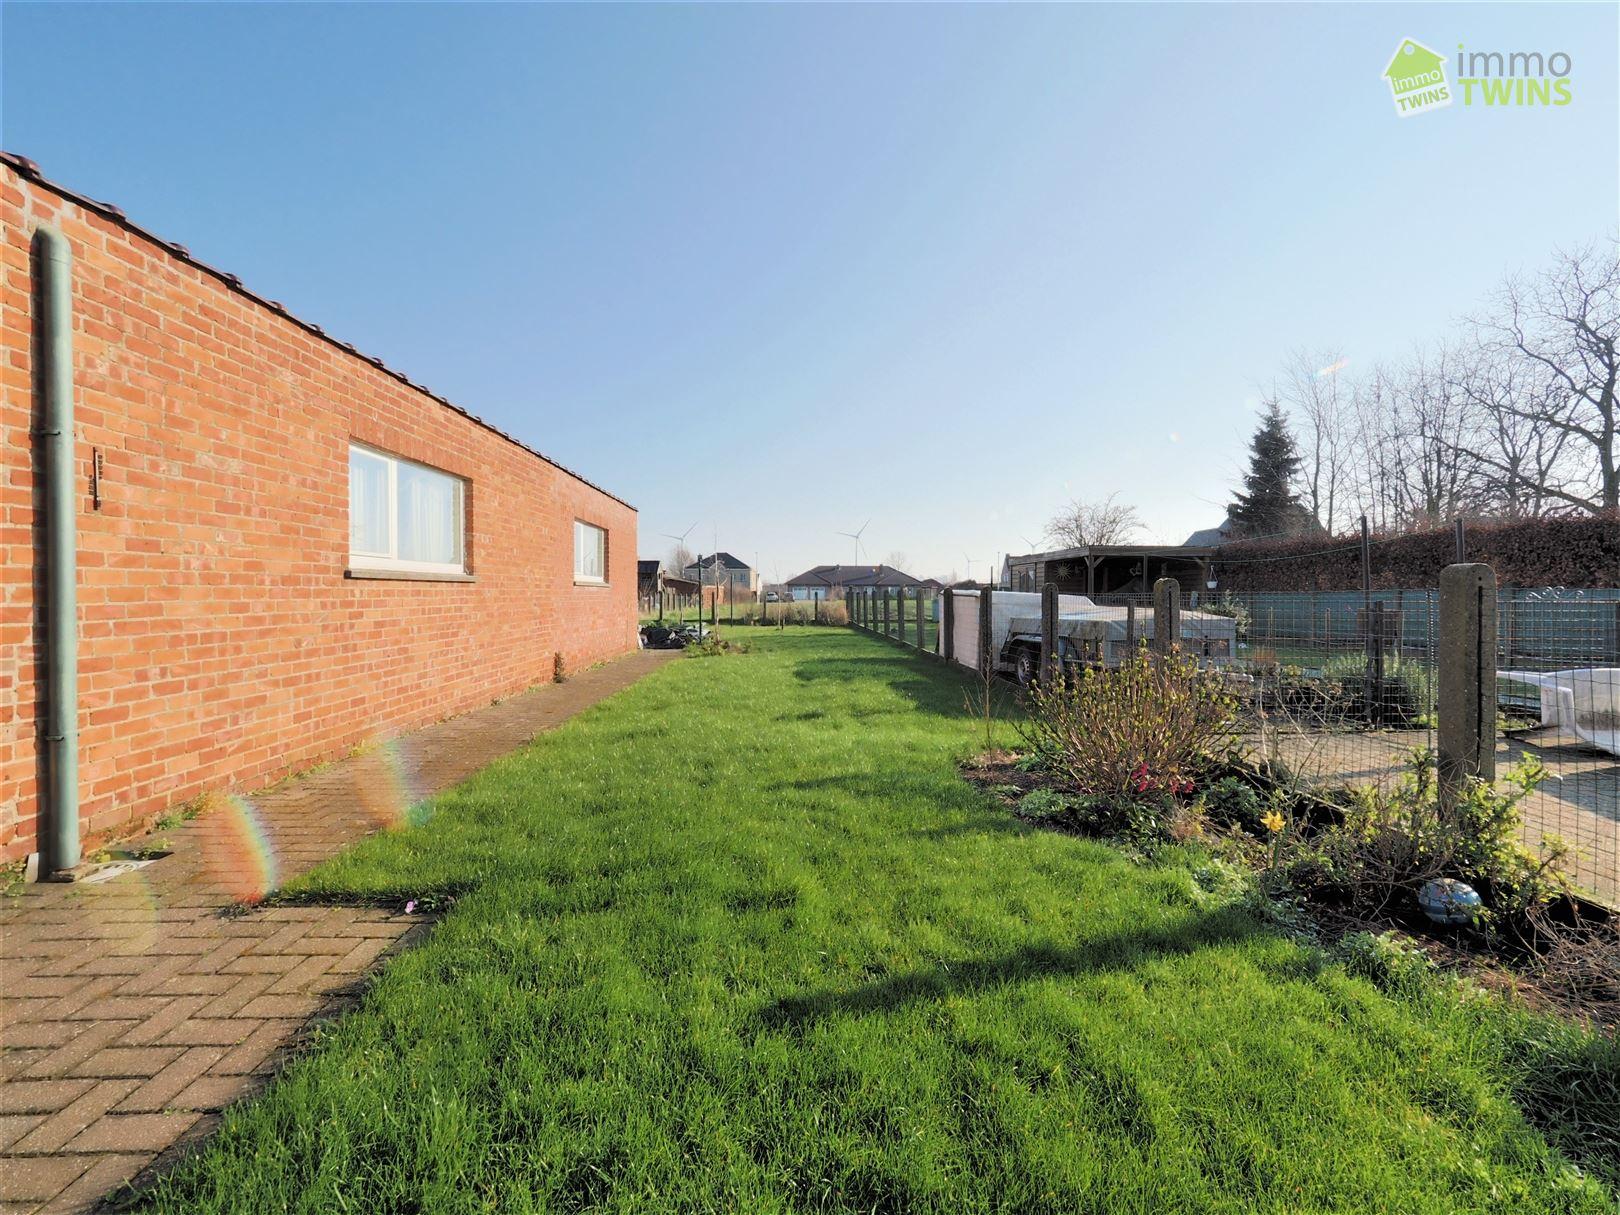 Foto 18 : Huis te 9200 SINT-GILLIS-DENDERMONDE (België) - Prijs € 259.000